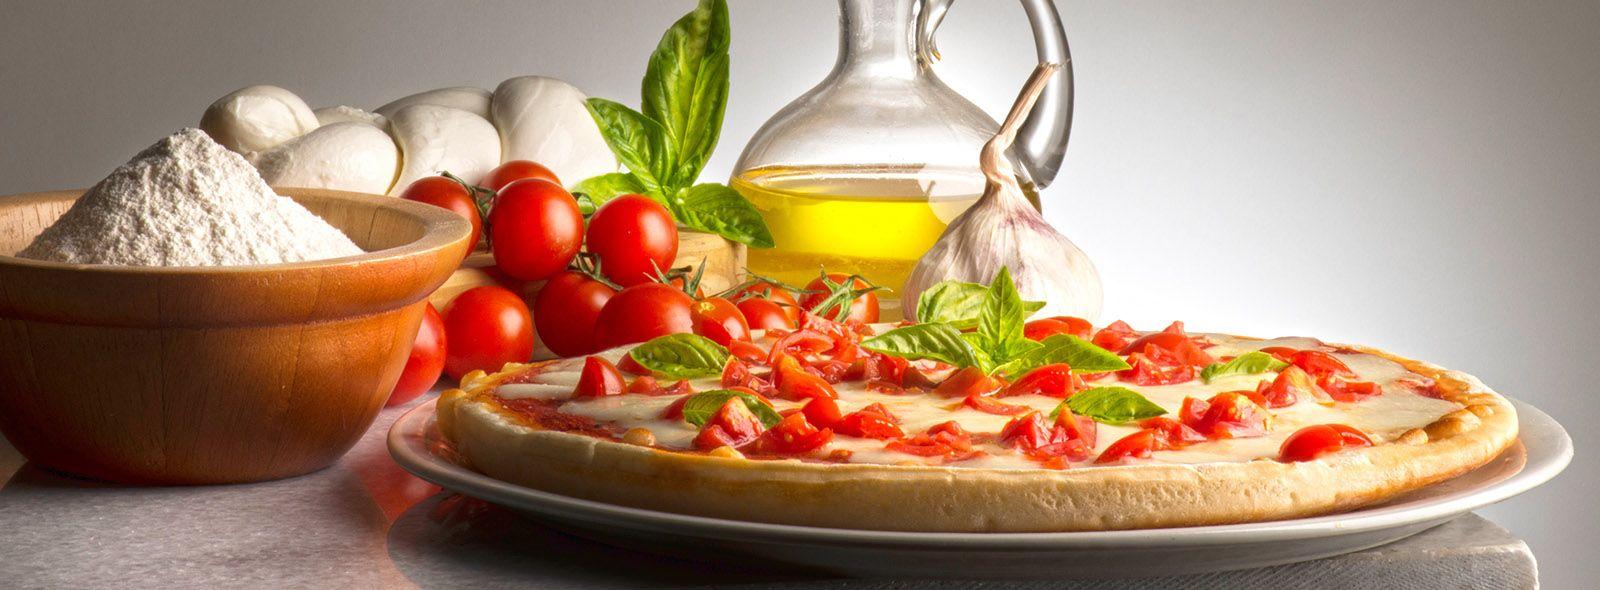 Dove mangiare pizza senza lievito a Milano